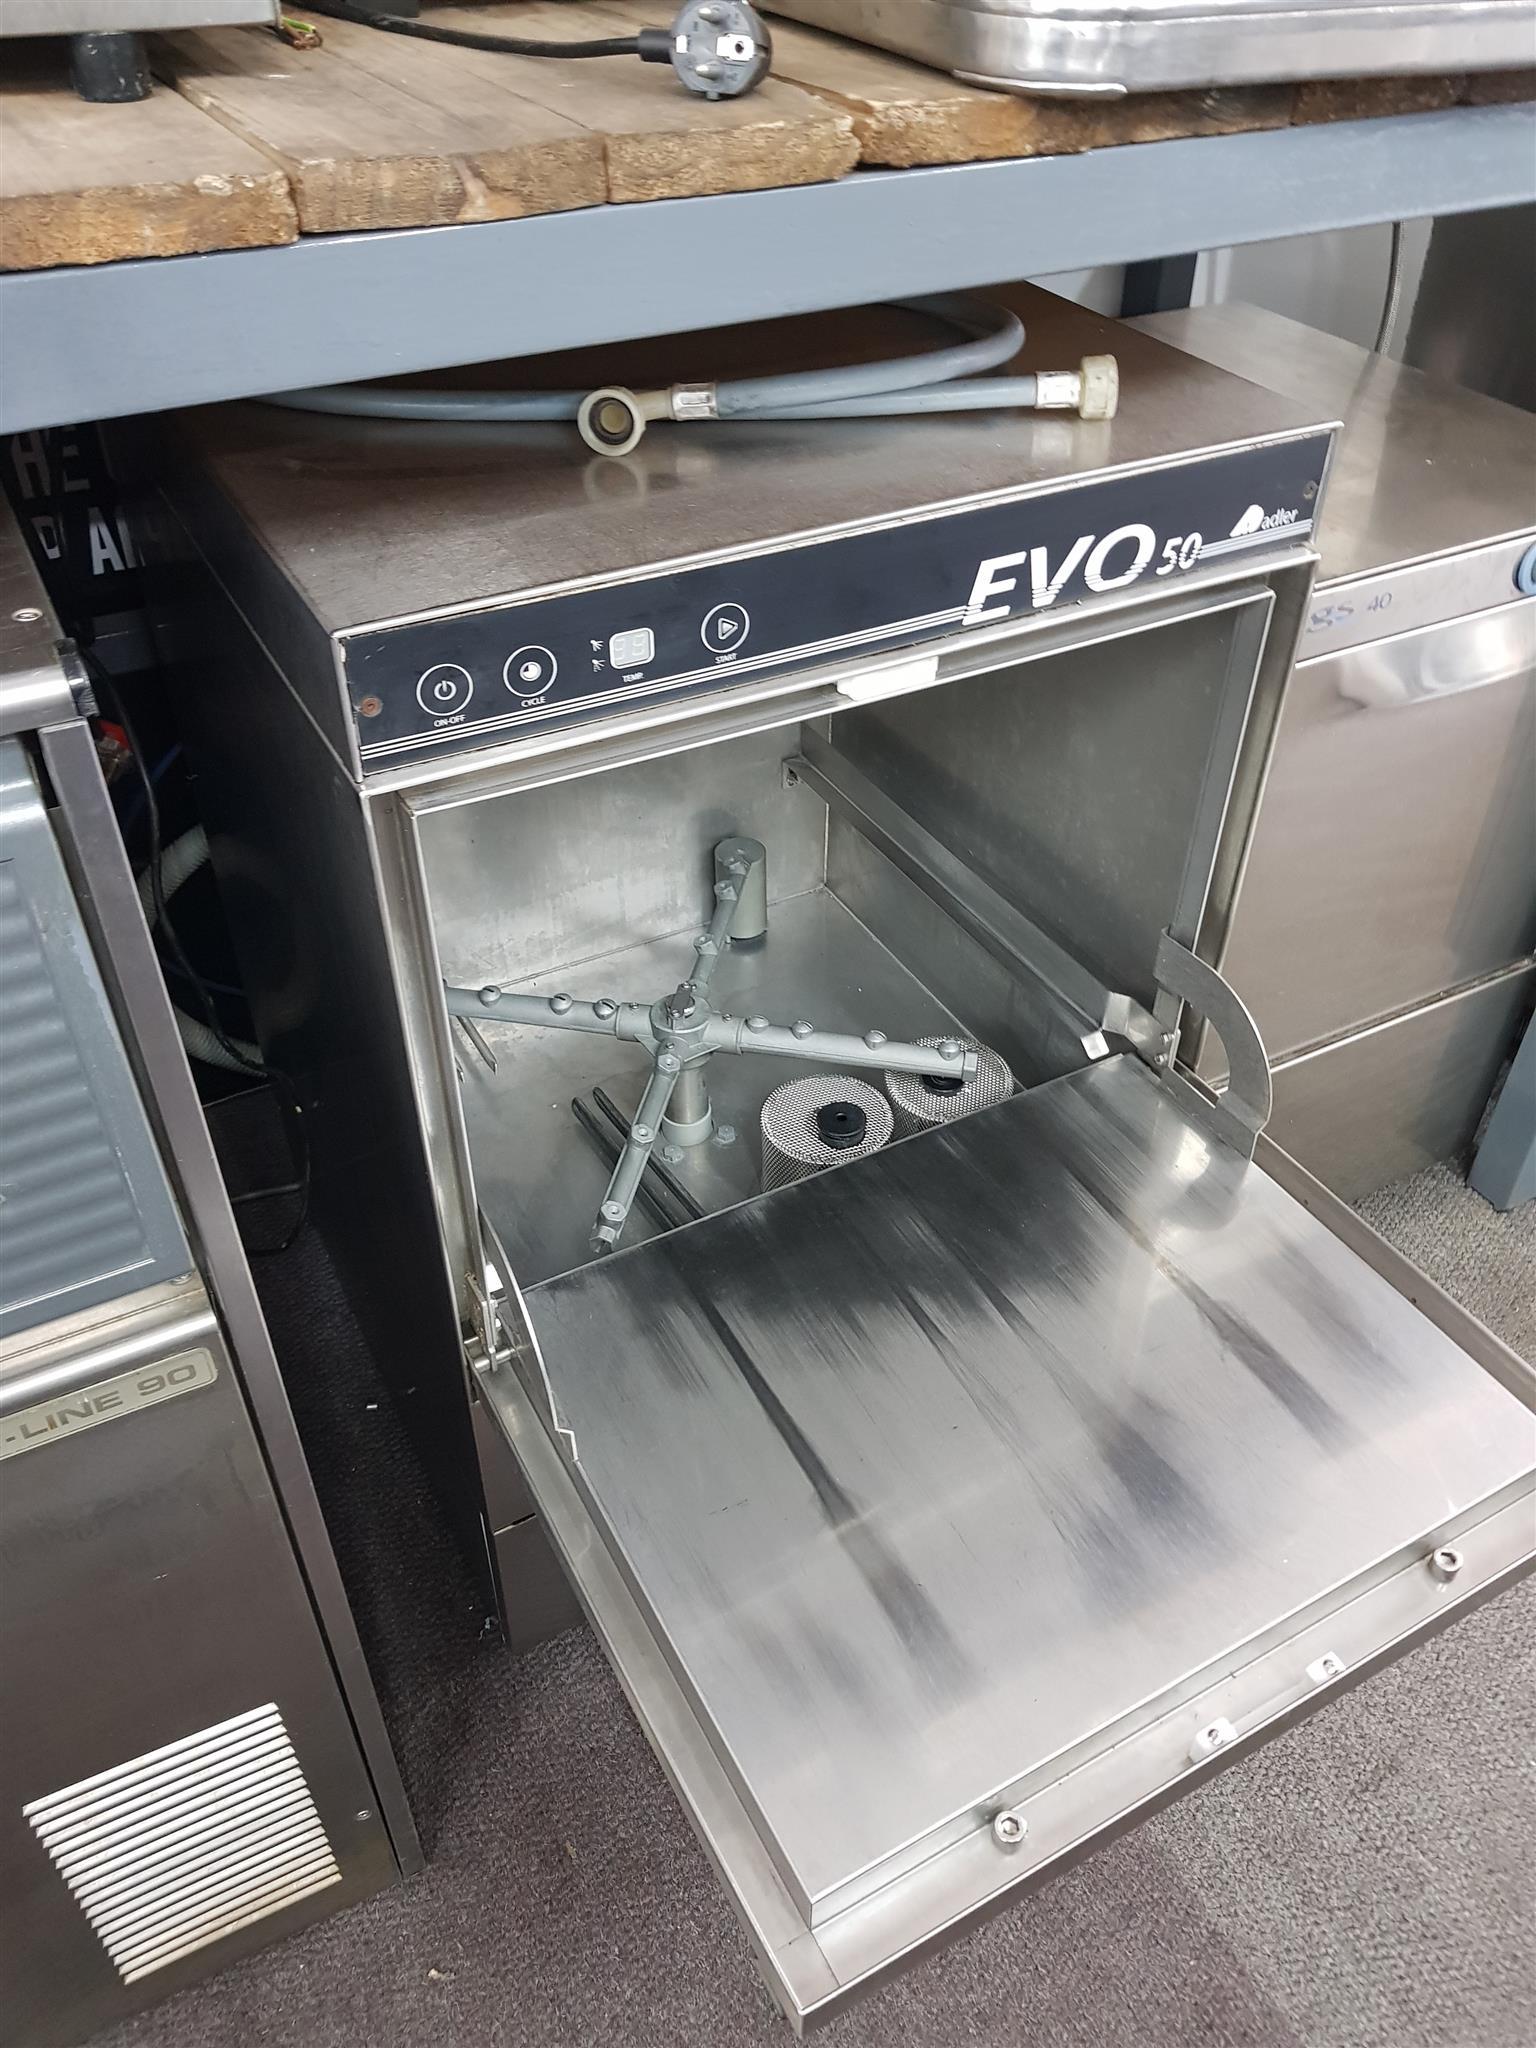 Adler Evo Dishwasher